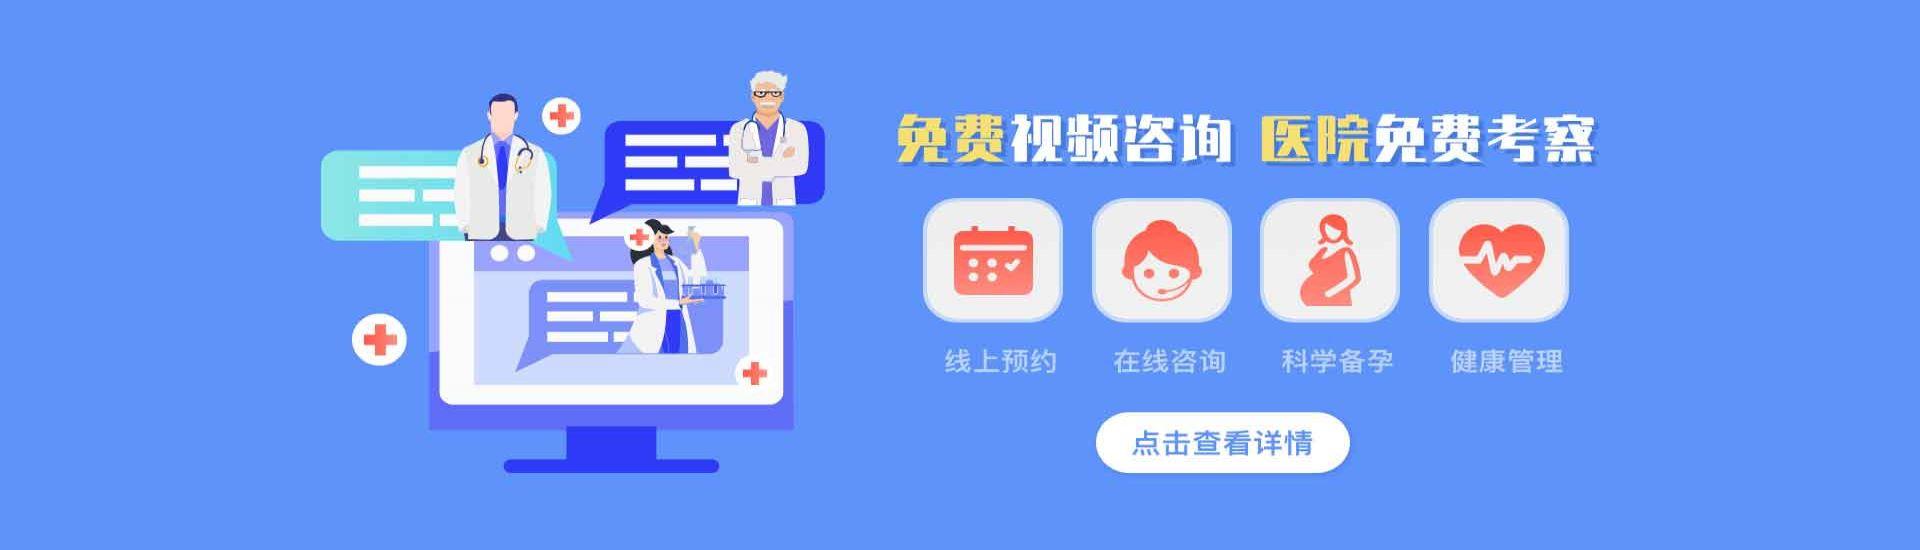 深圳试管婴儿医院